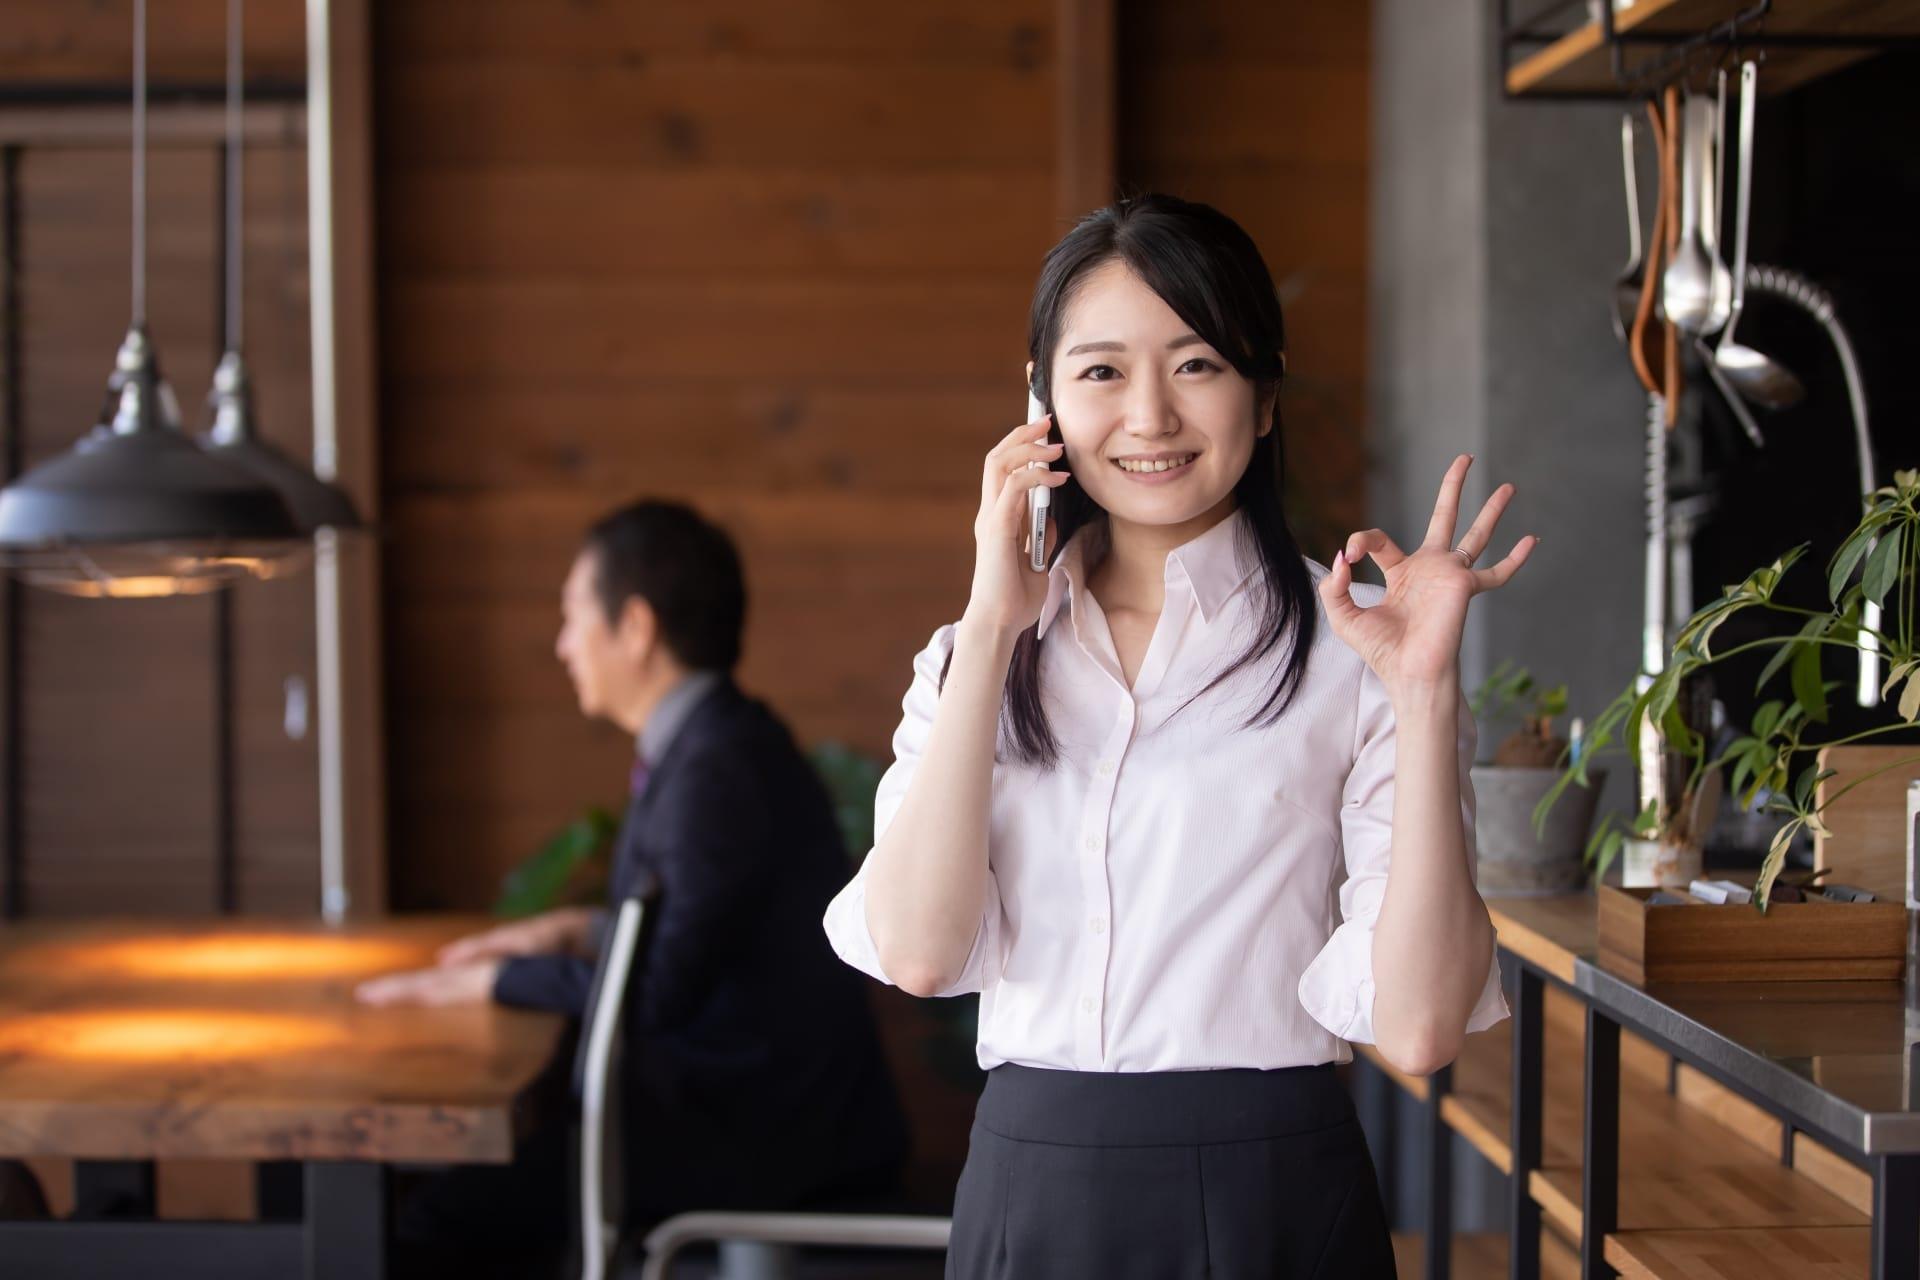 電話するビジネスウーマン